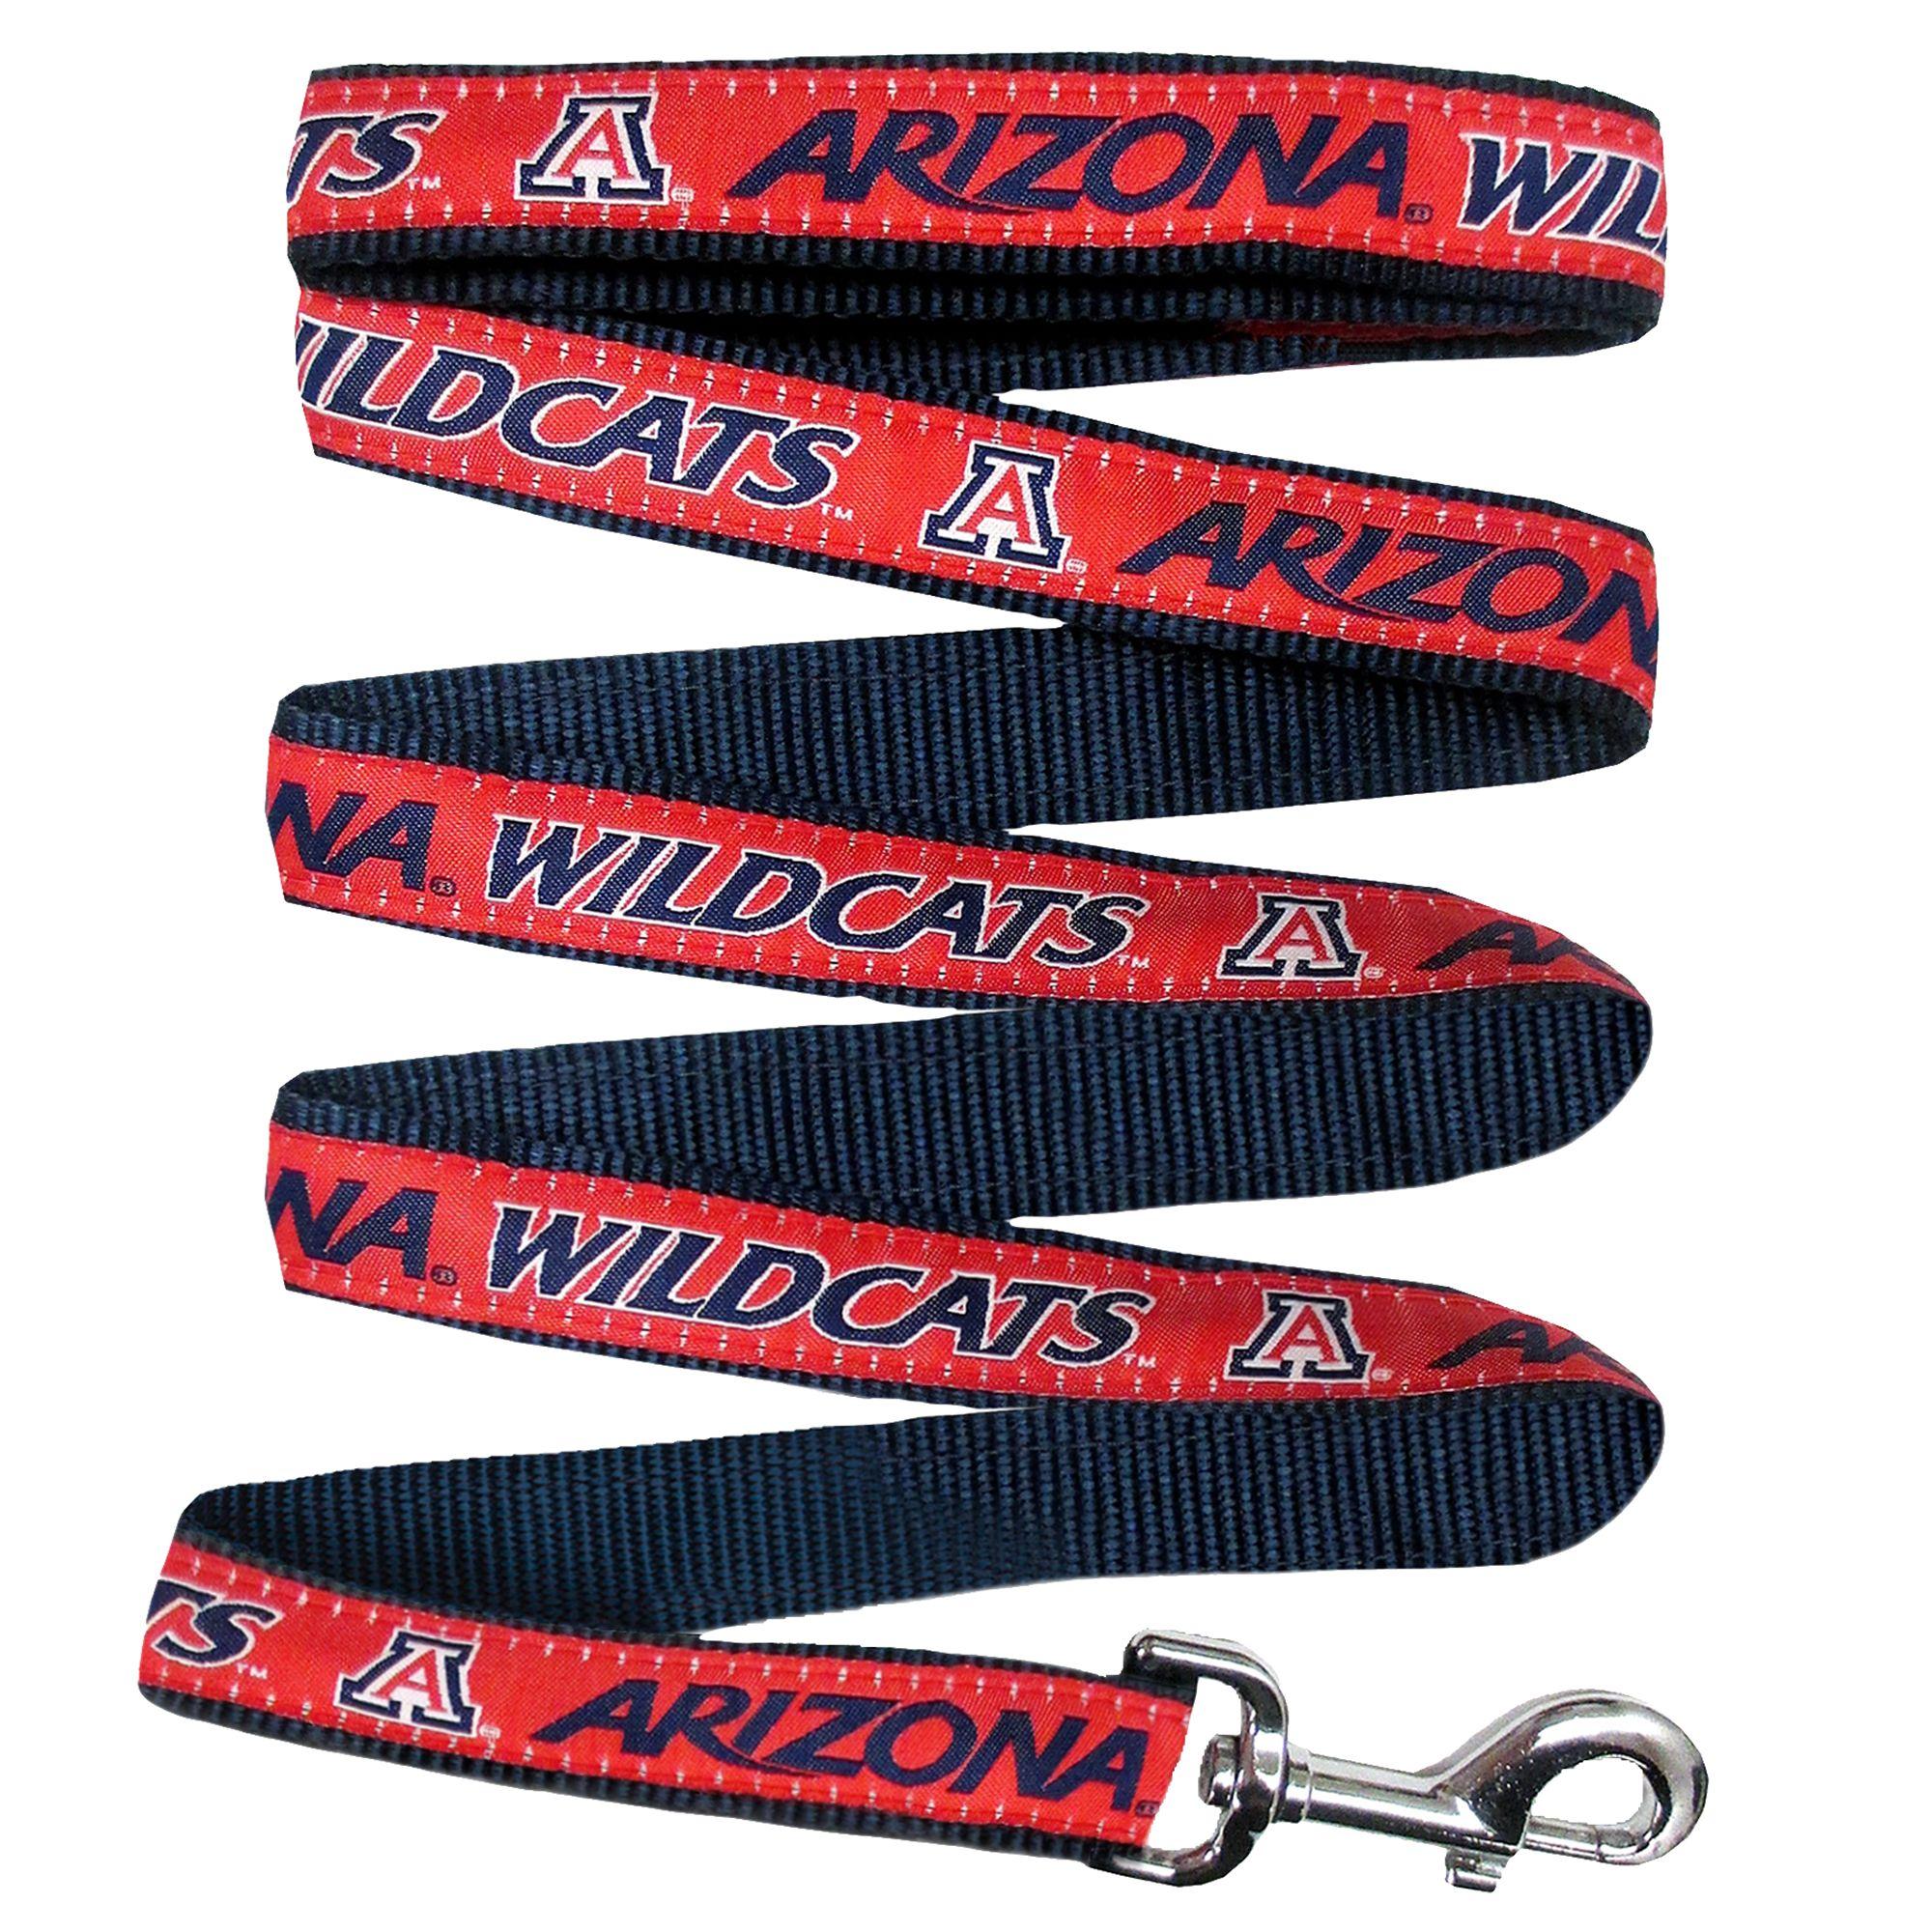 University of Arizona Wildcats Ncaa Dog Leash 5243254